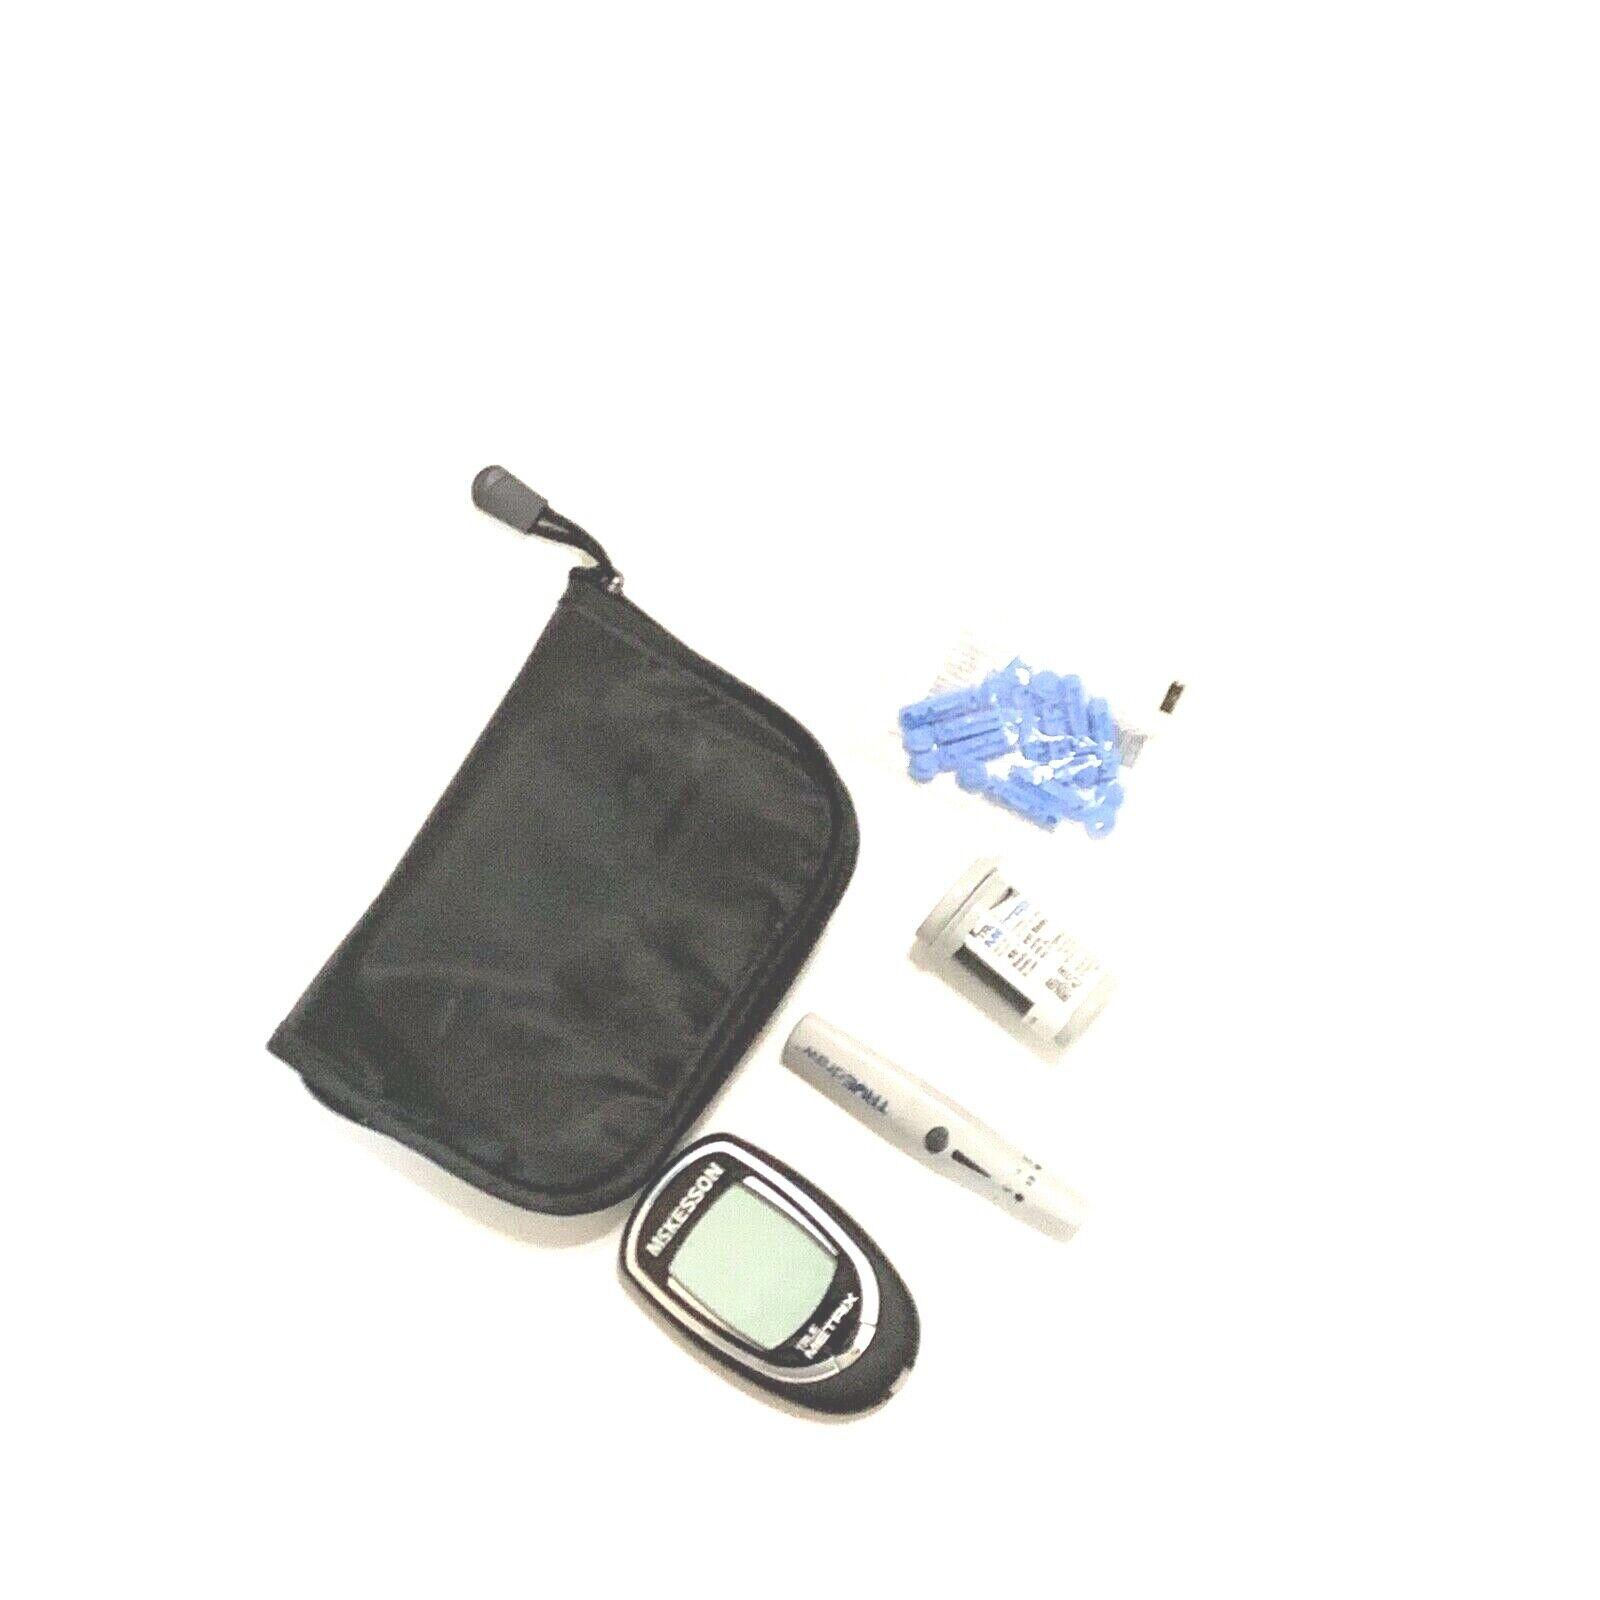 TRUE METRIX® Self Monitoring Blood Glucose System Meter Kit